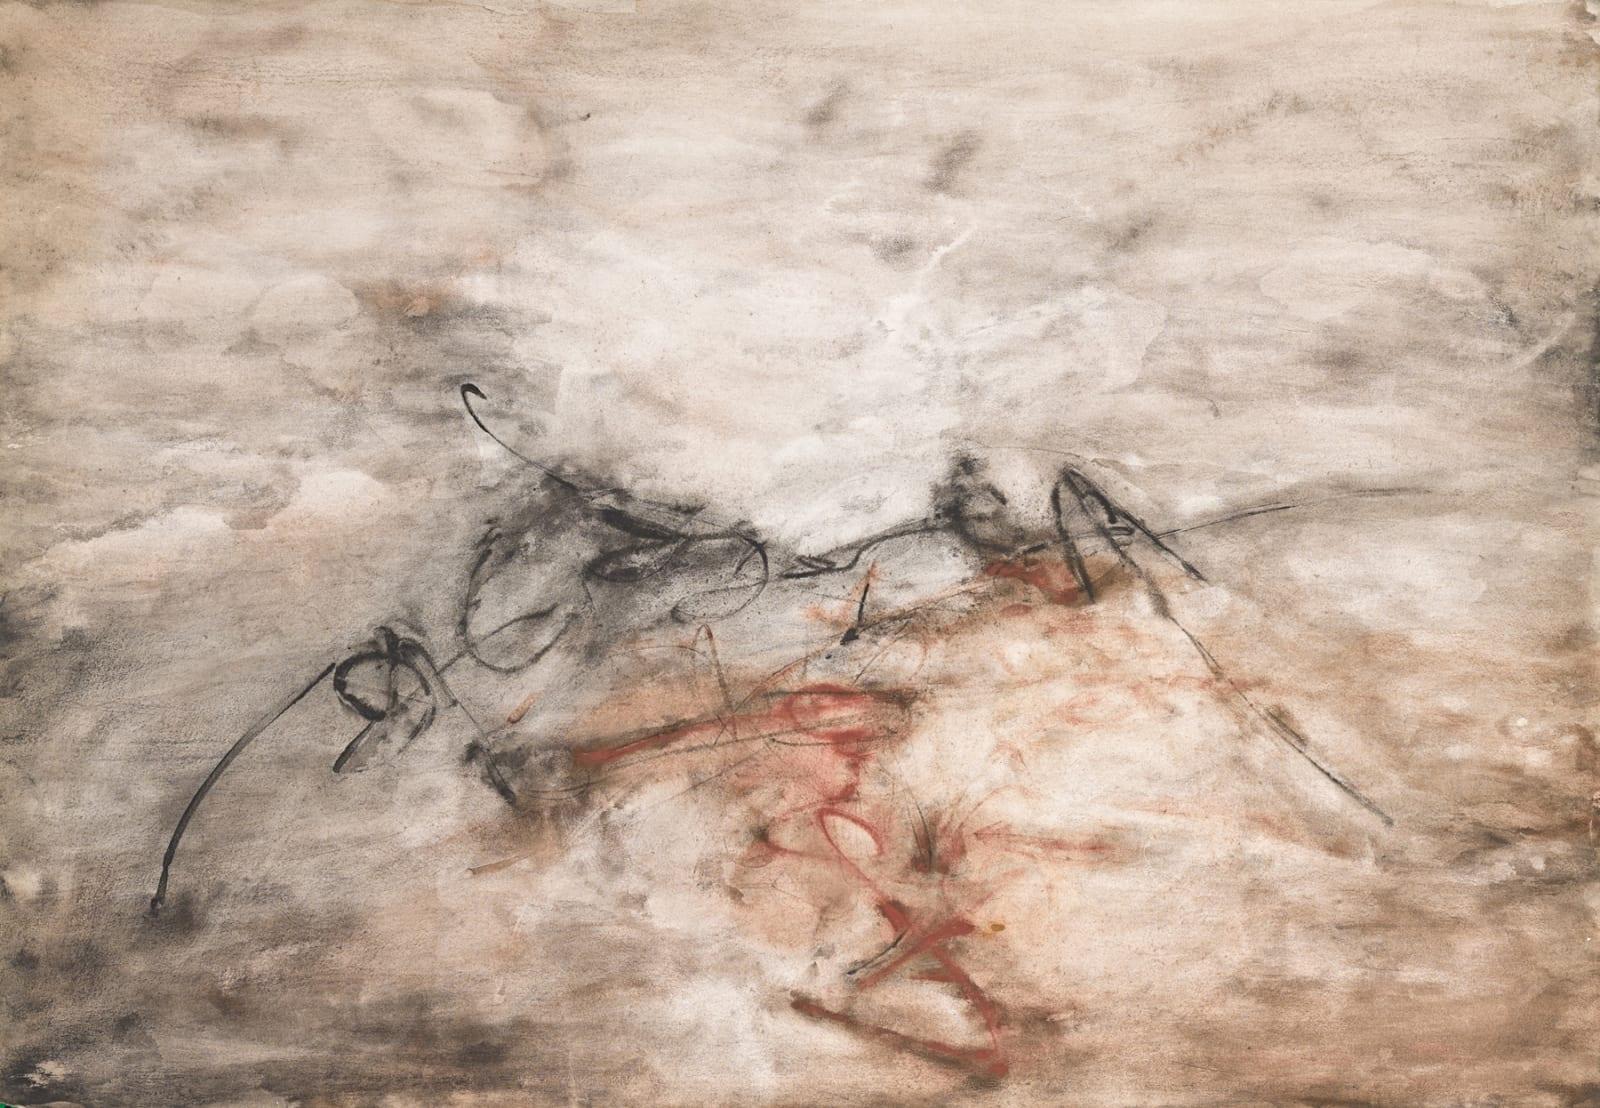 Lalan 謝景蘭, Untitled《無題》, 1961